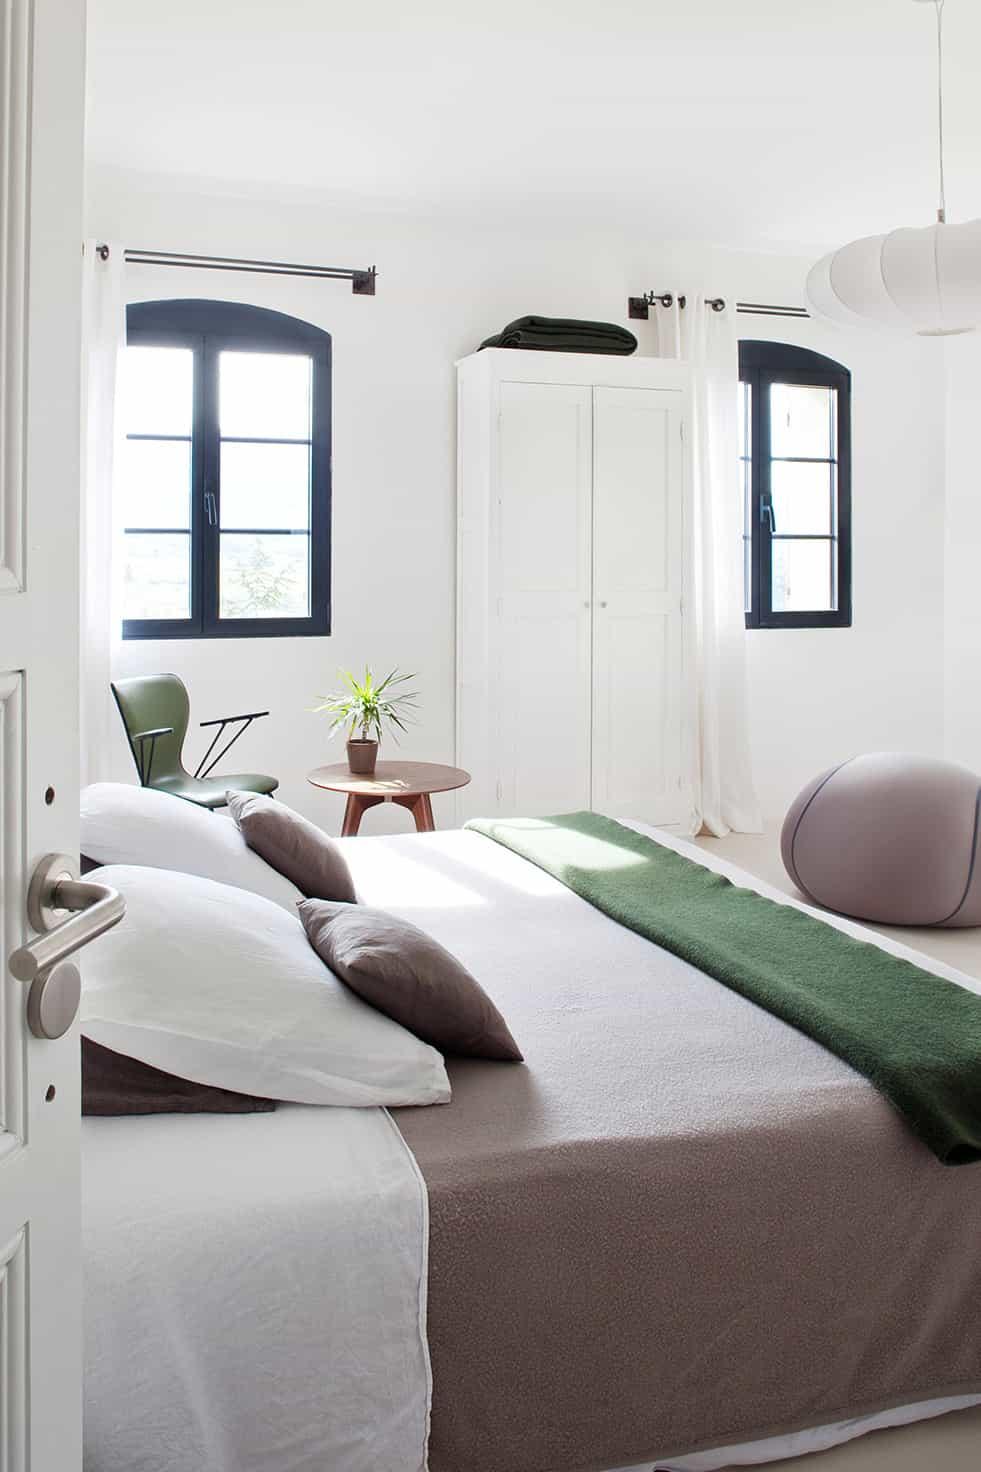 Chambre d'hôtes Opaline au Metafort, LUberon - Mont-Ventoux